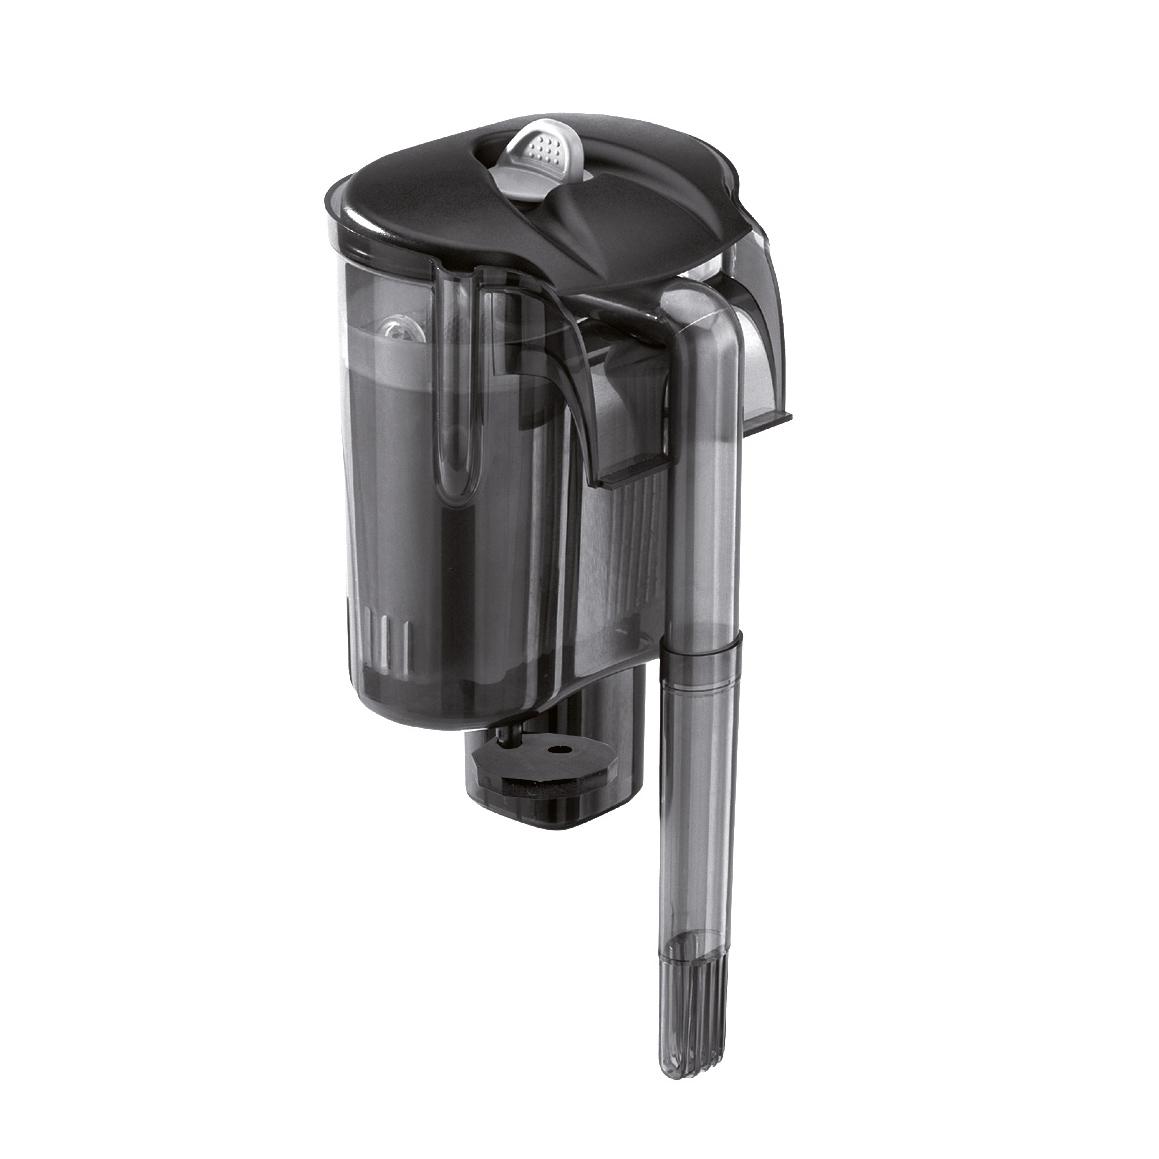 AQUAEL VersaMax 1 filtre suspendu 500 L/h pour aquarium de 20 à 40 L